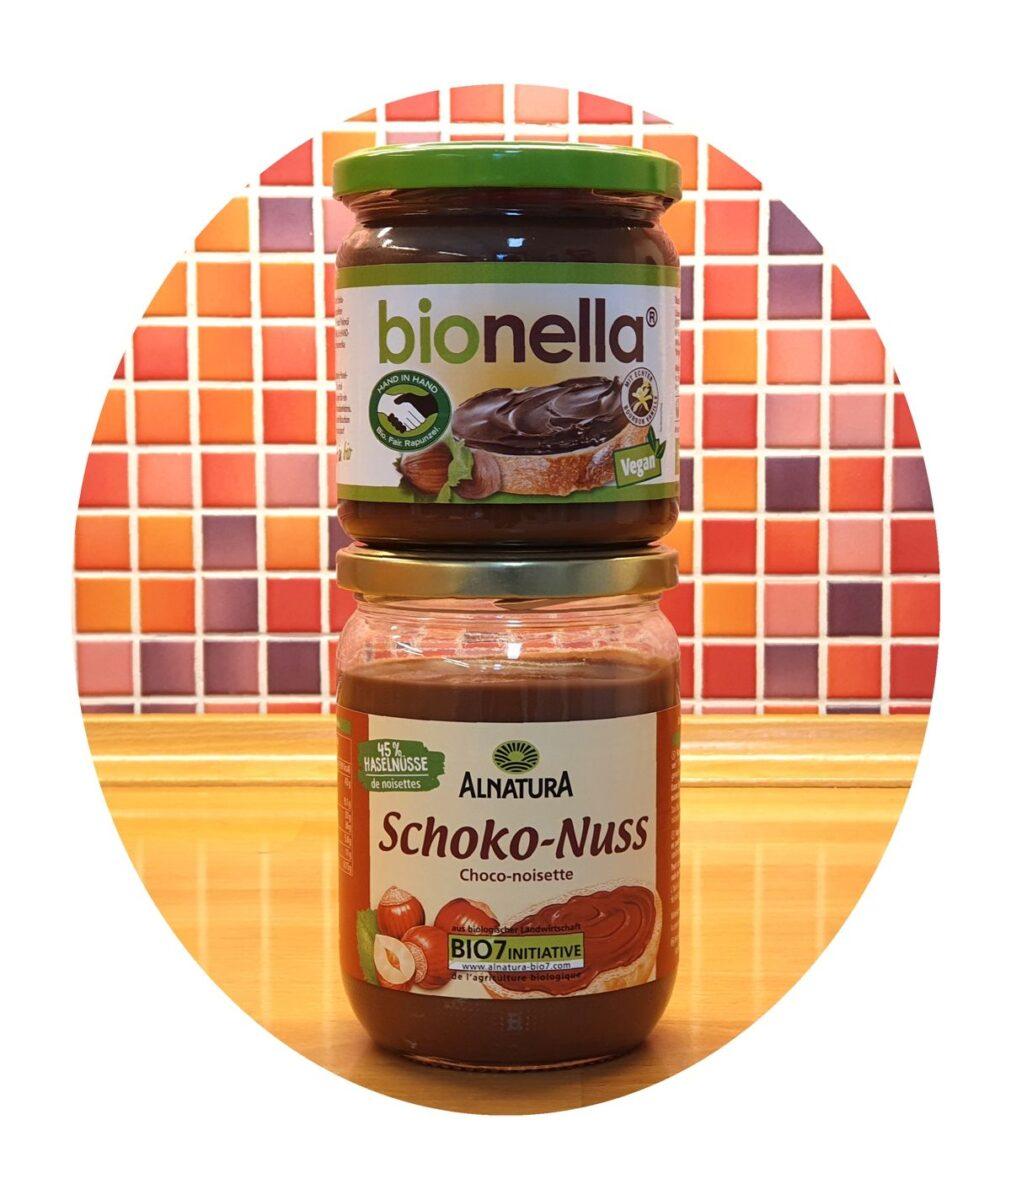 Nuss-Nougat-Cremes bionella und Alnatura Schoko-Nuss